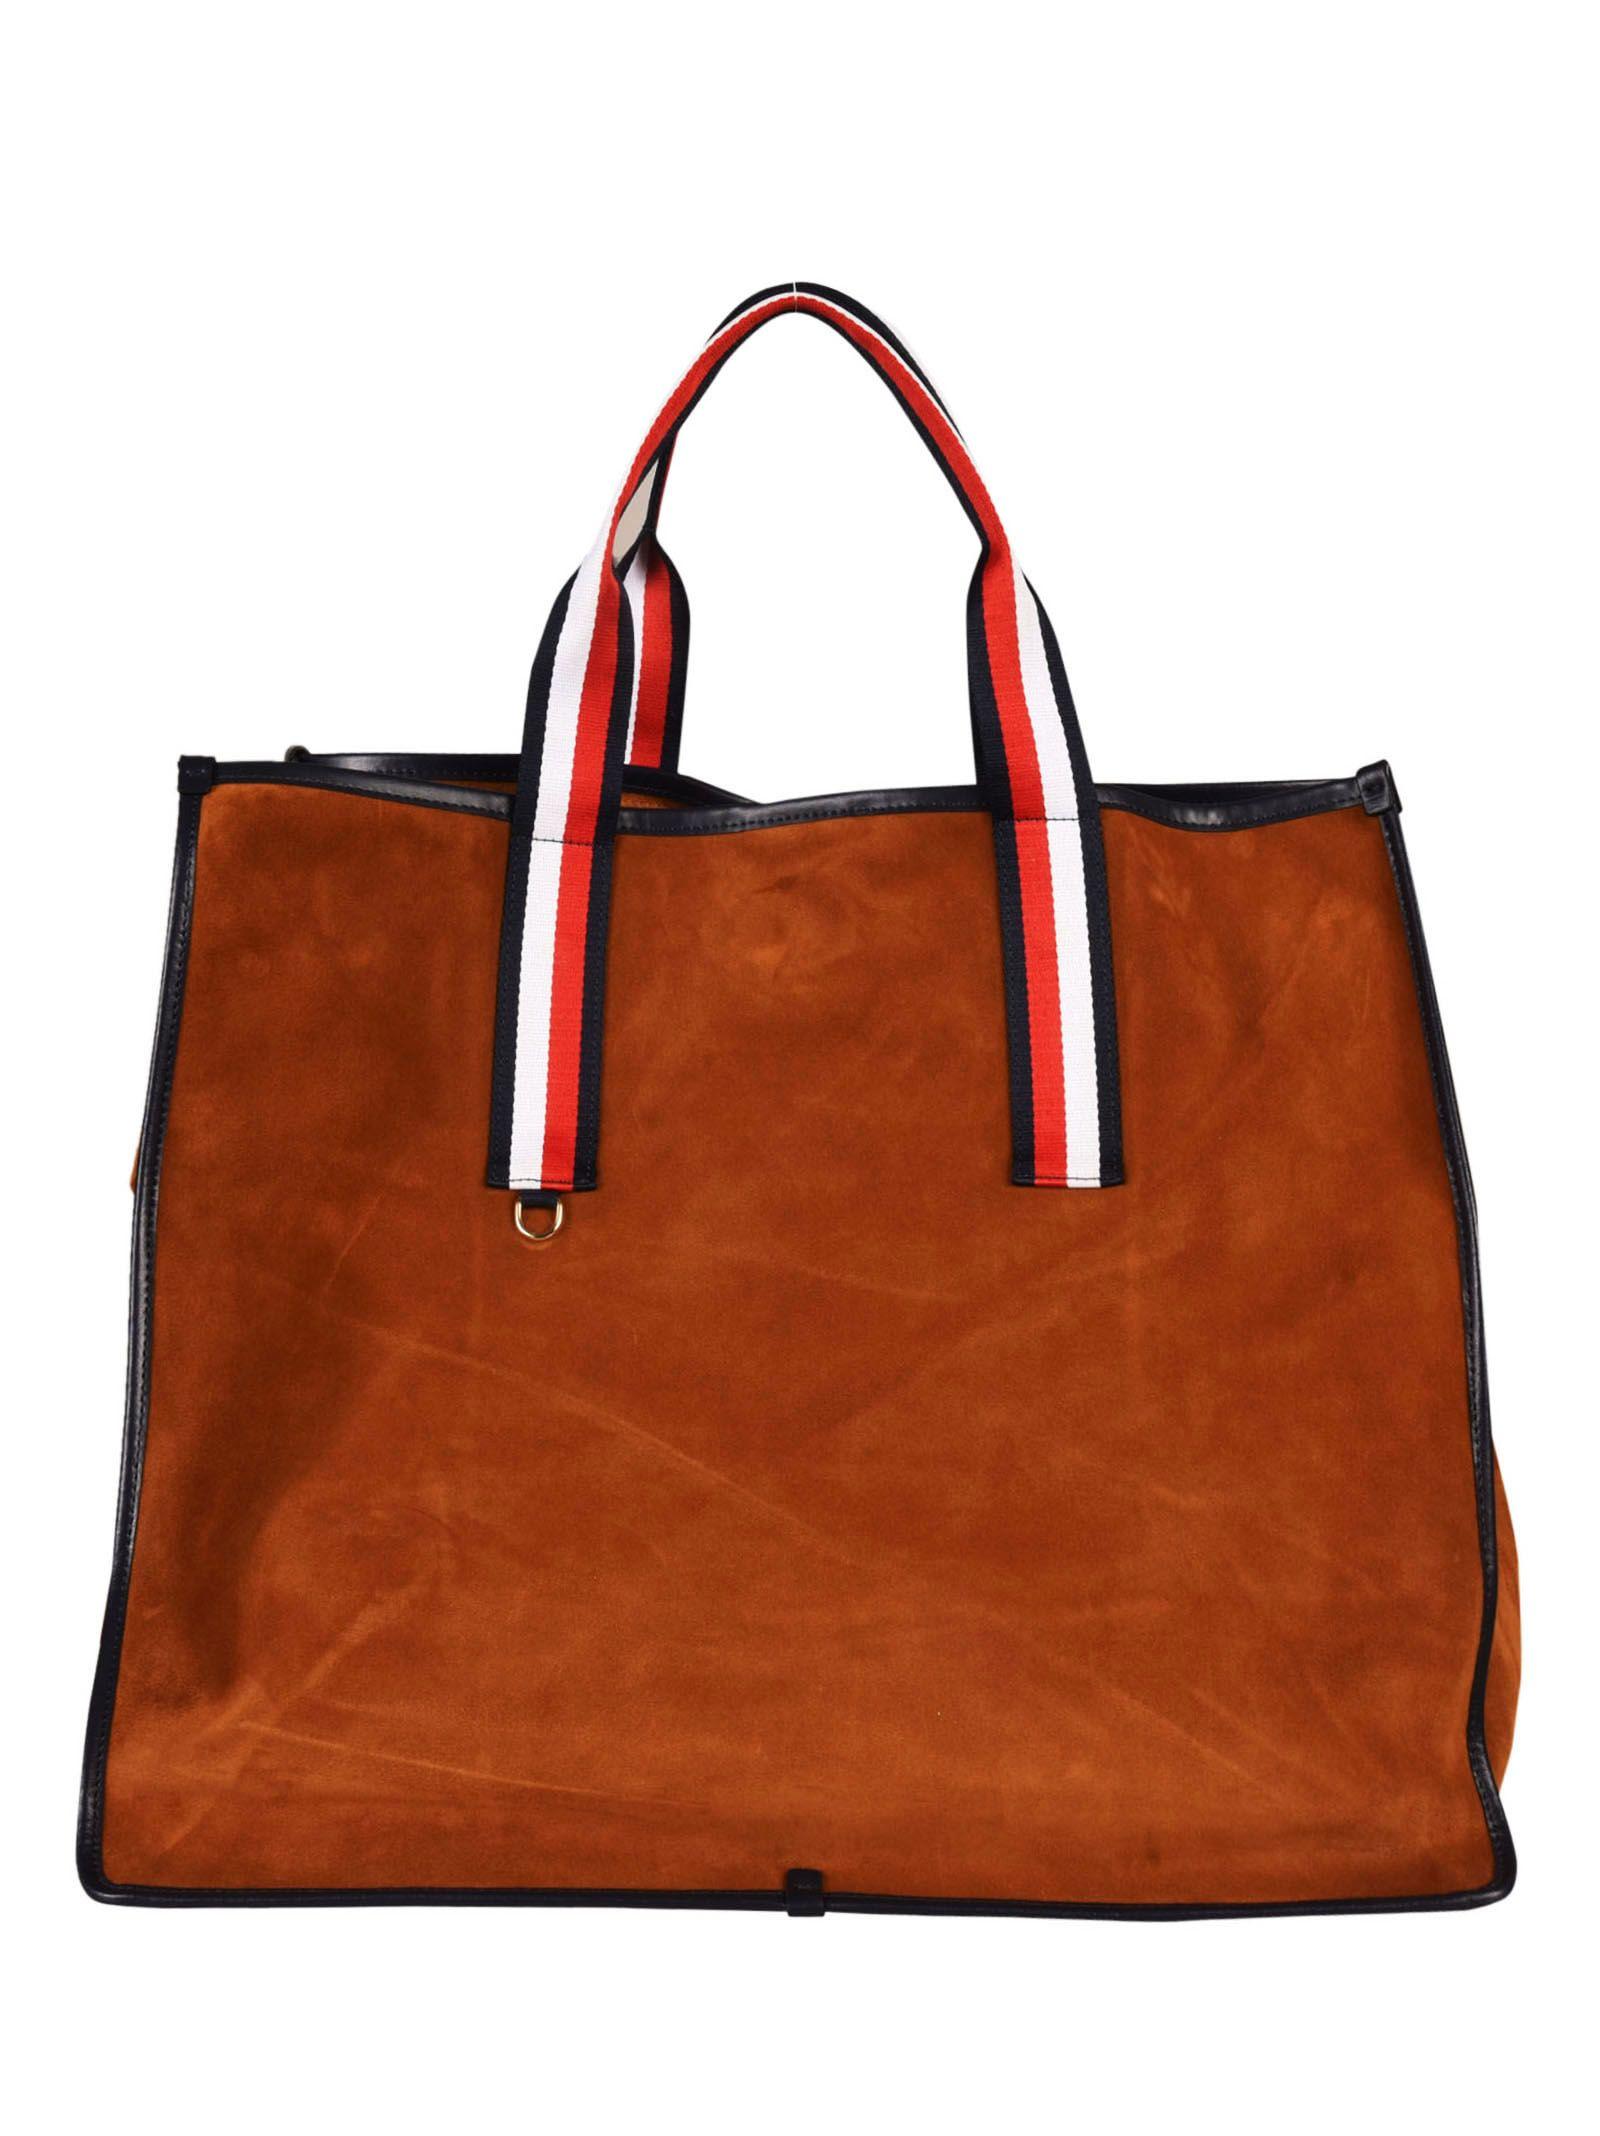 Very Tommy Hilfiger - Tommy Hilfiger X Gigi Hadid Leather Shopper Bag  QD81